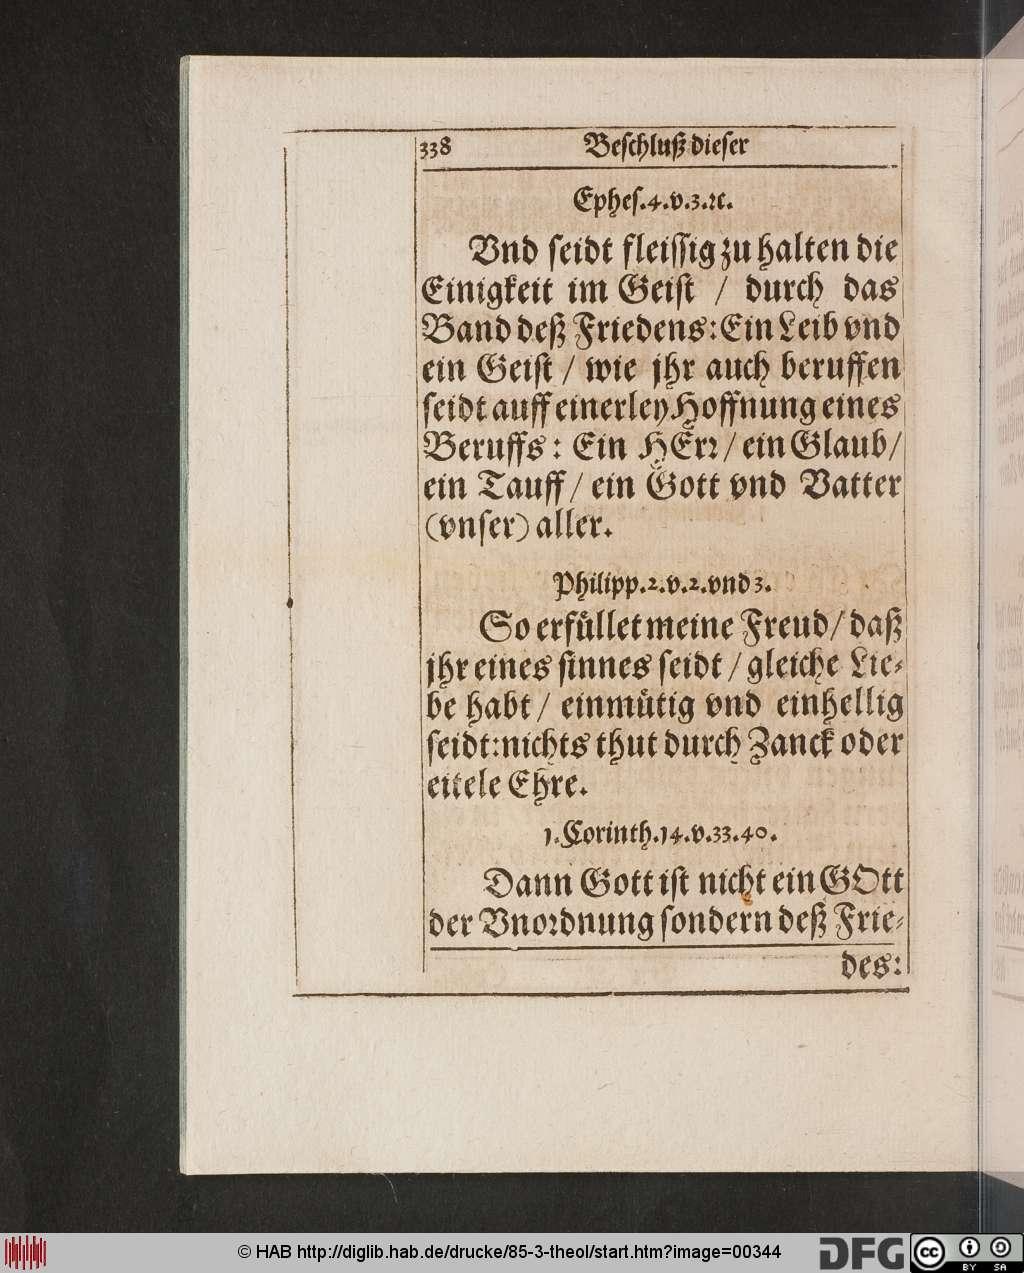 http://diglib.hab.de/drucke/85-3-theol/00344.jpg